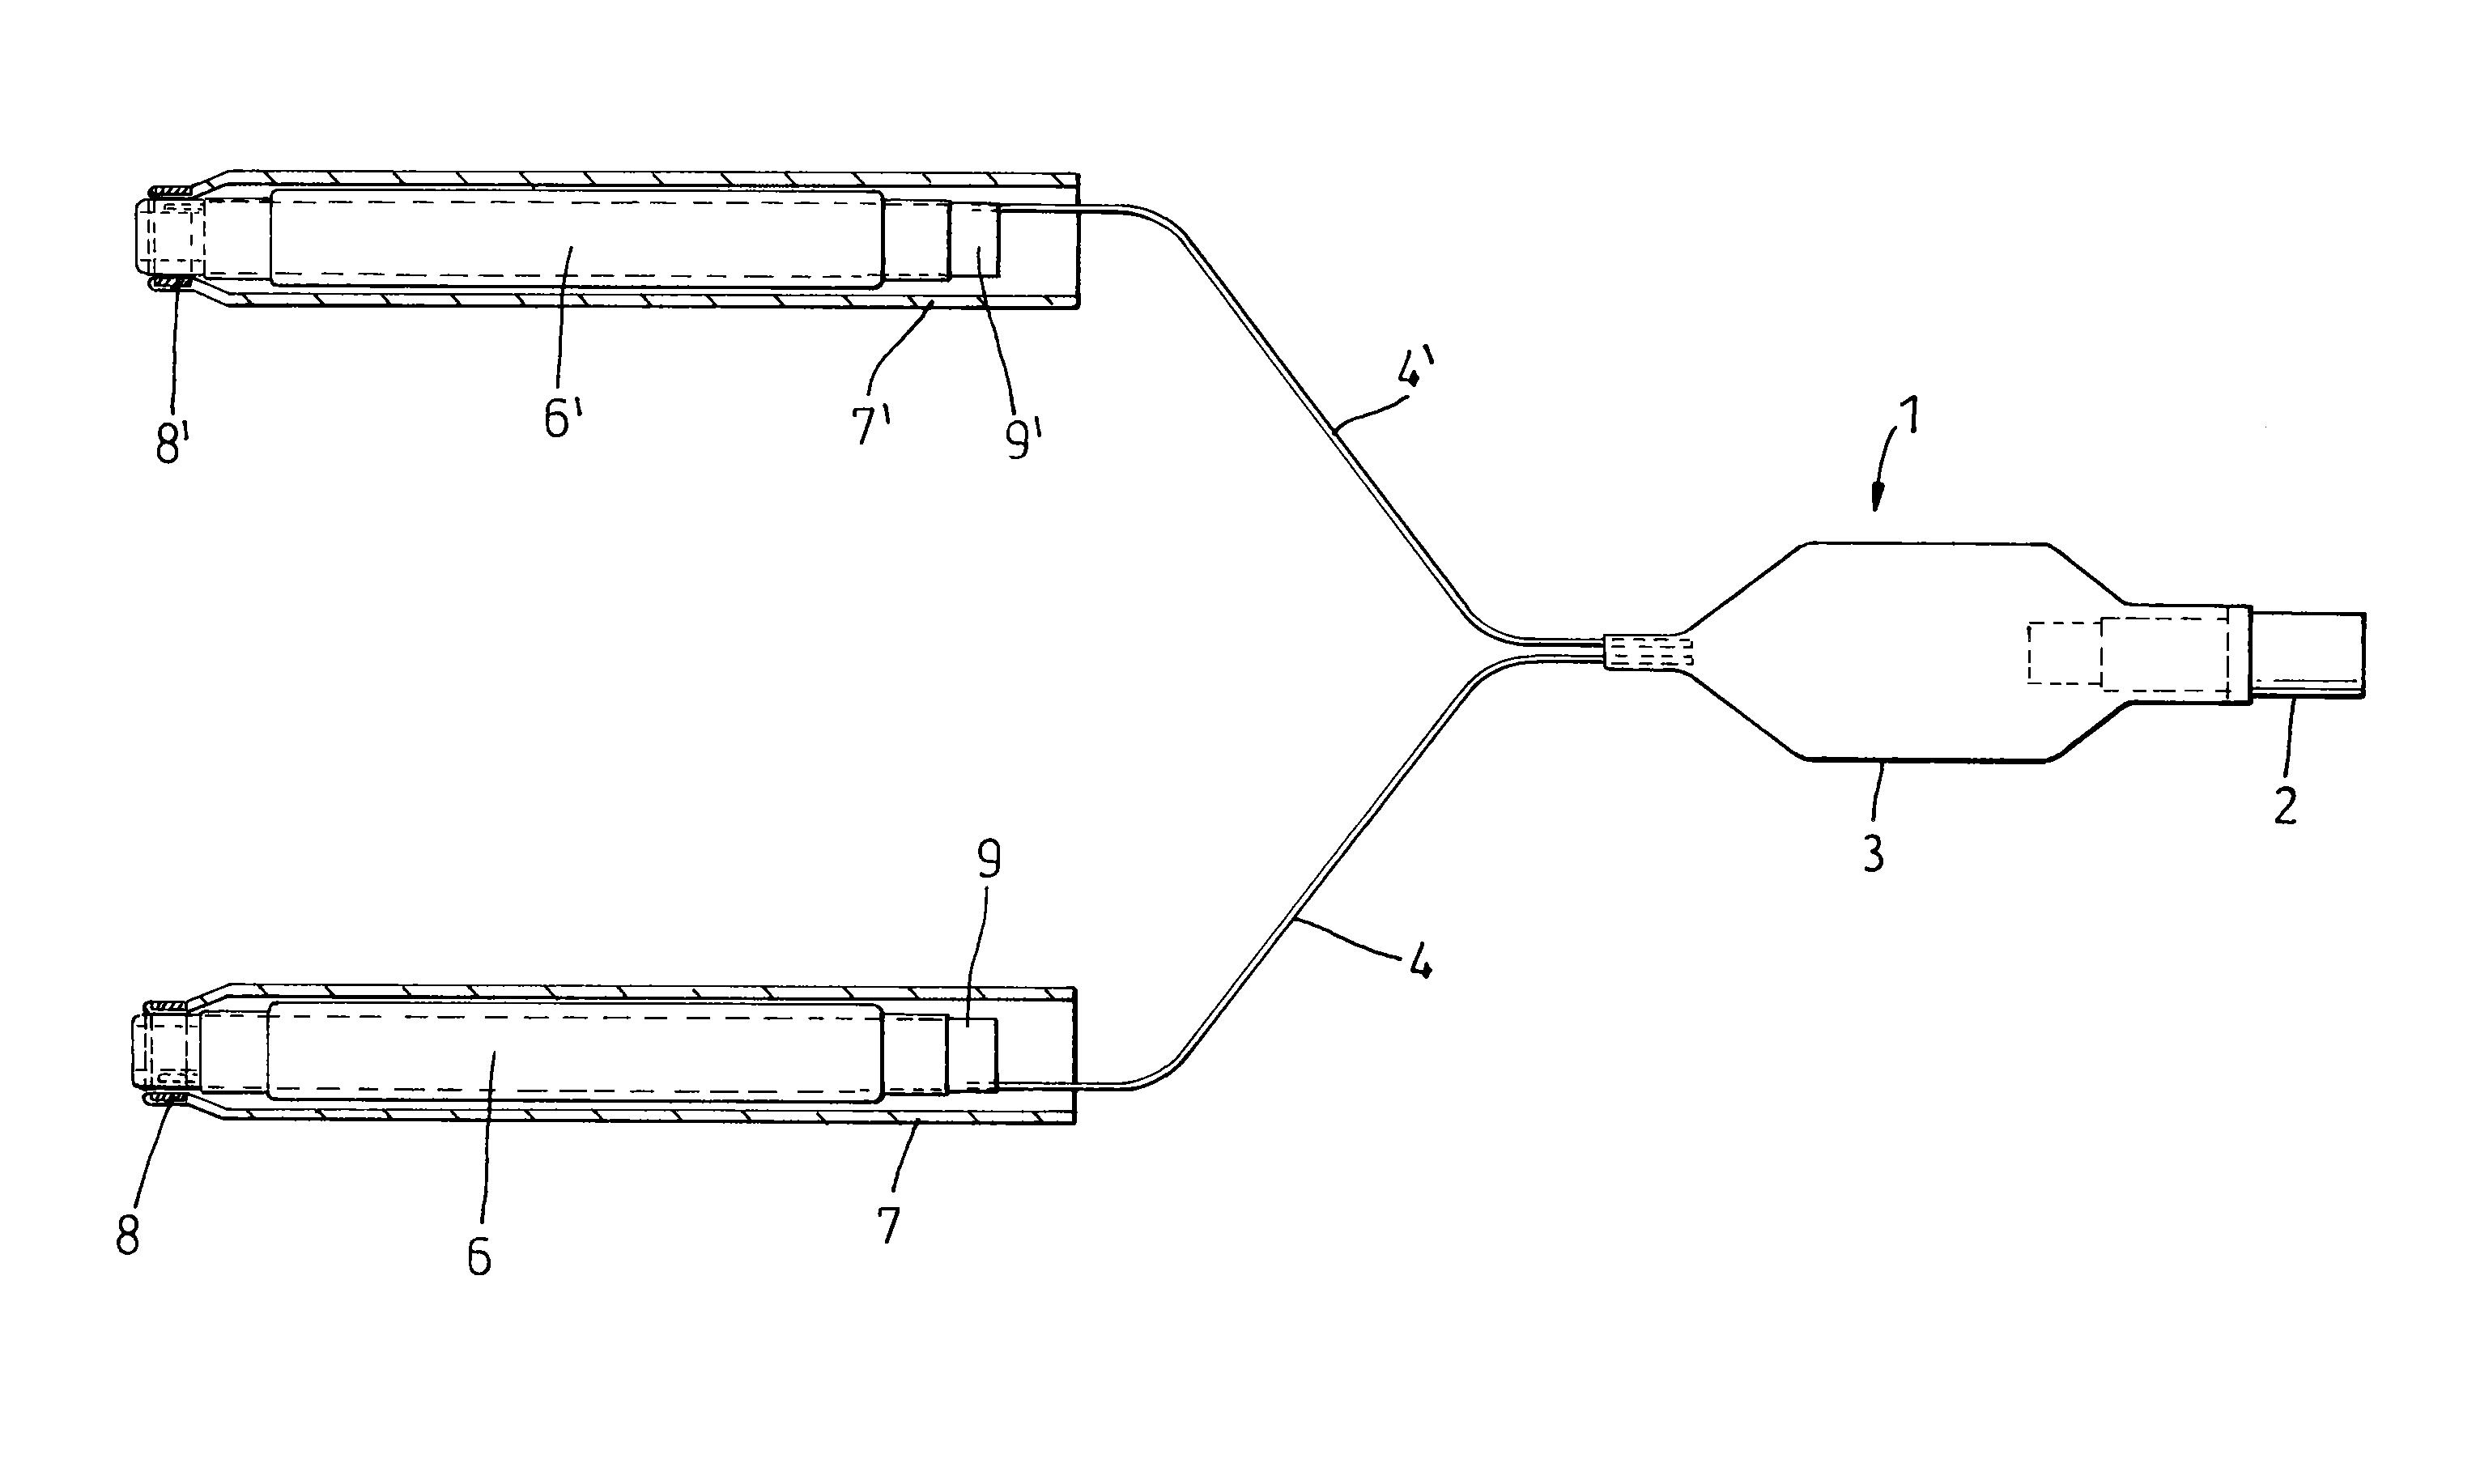 Nasal Balloon Tamponade Patent Drawing